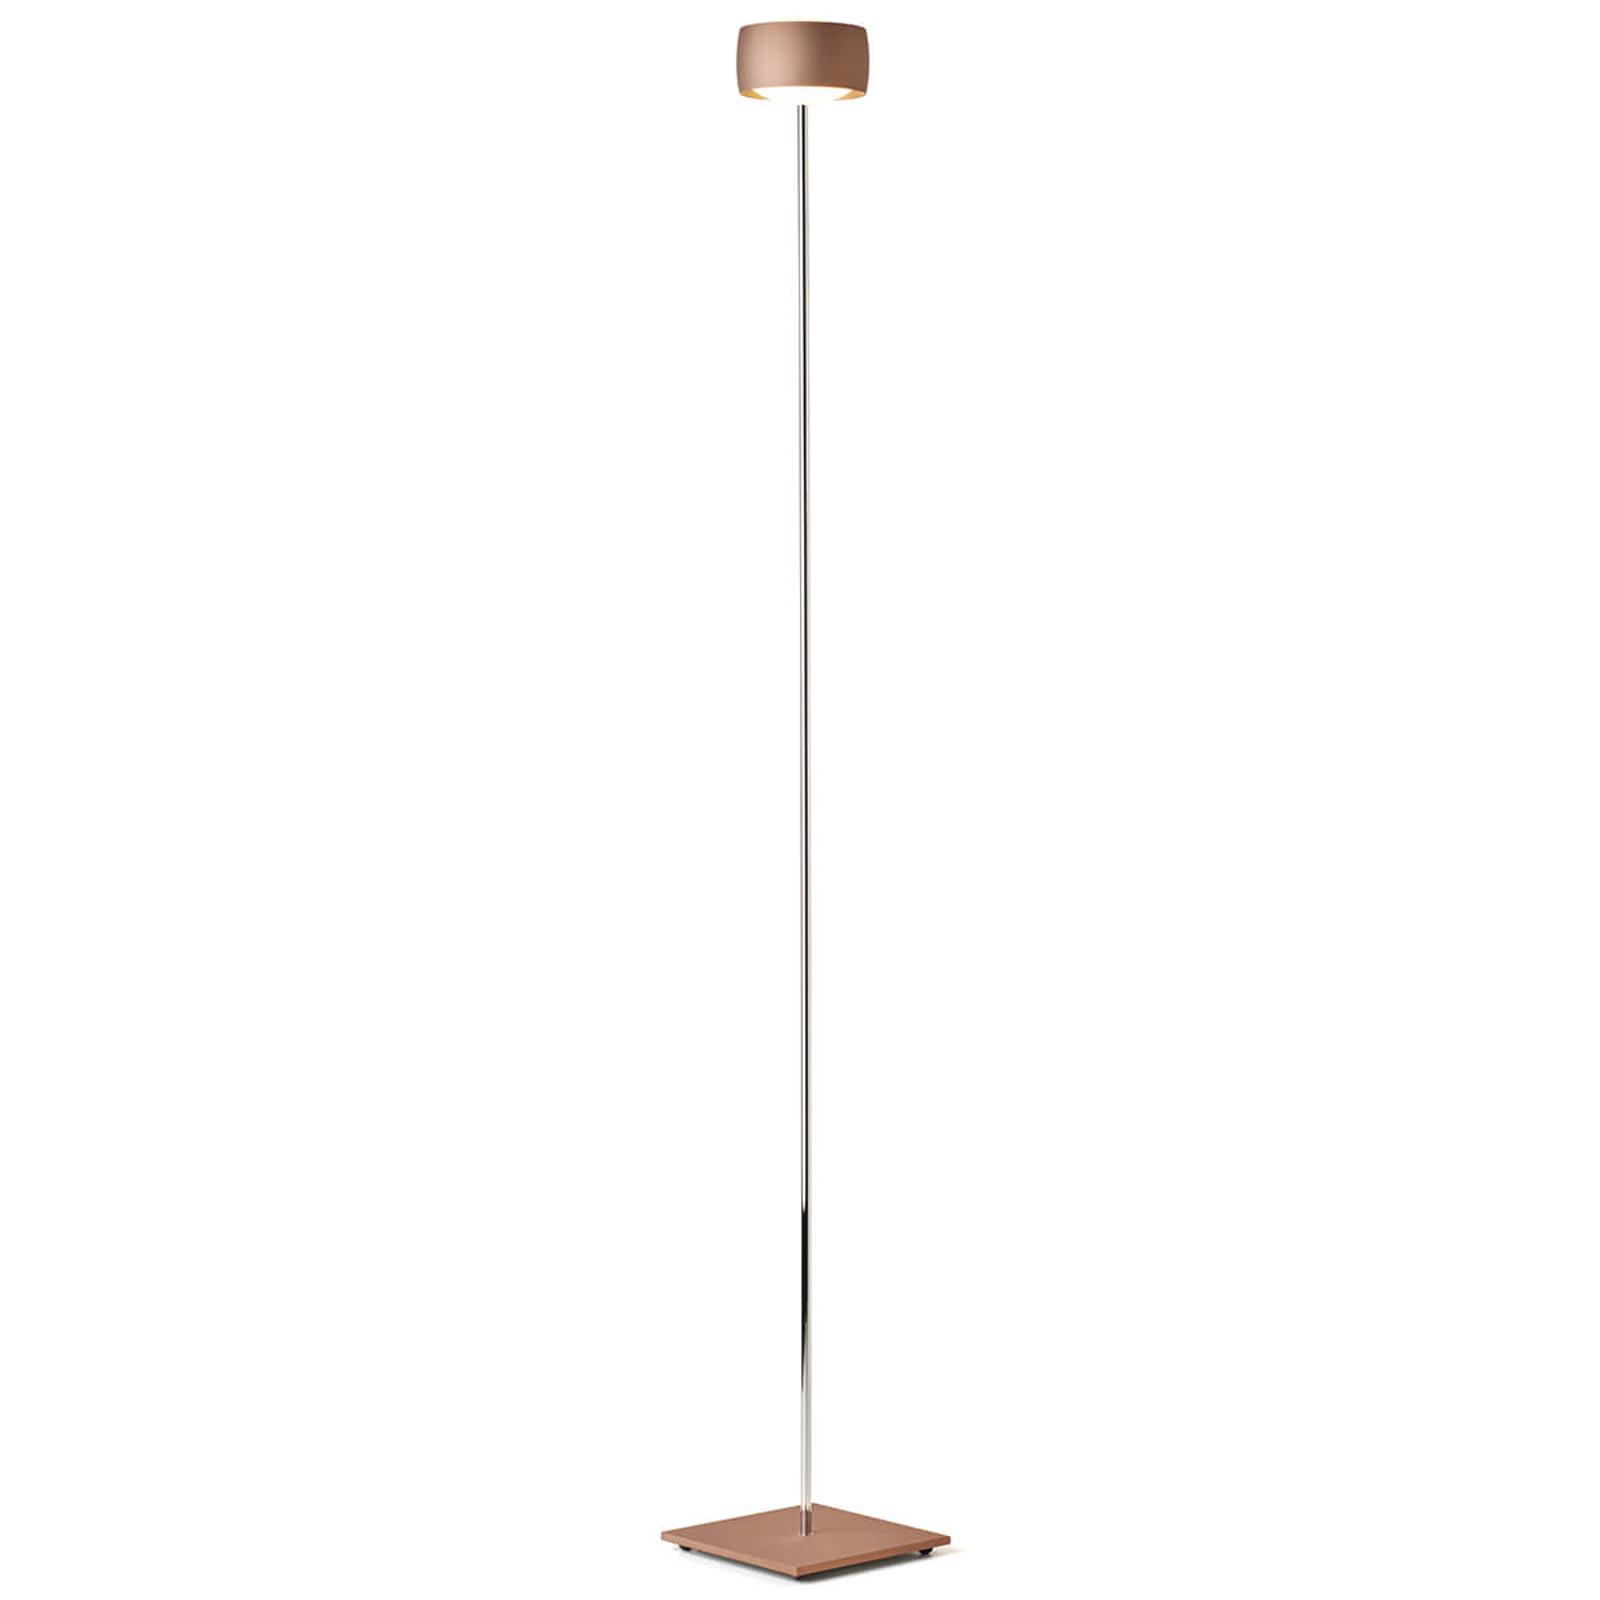 Lampa stojąca LED Grace, sterowana gestami, miedź